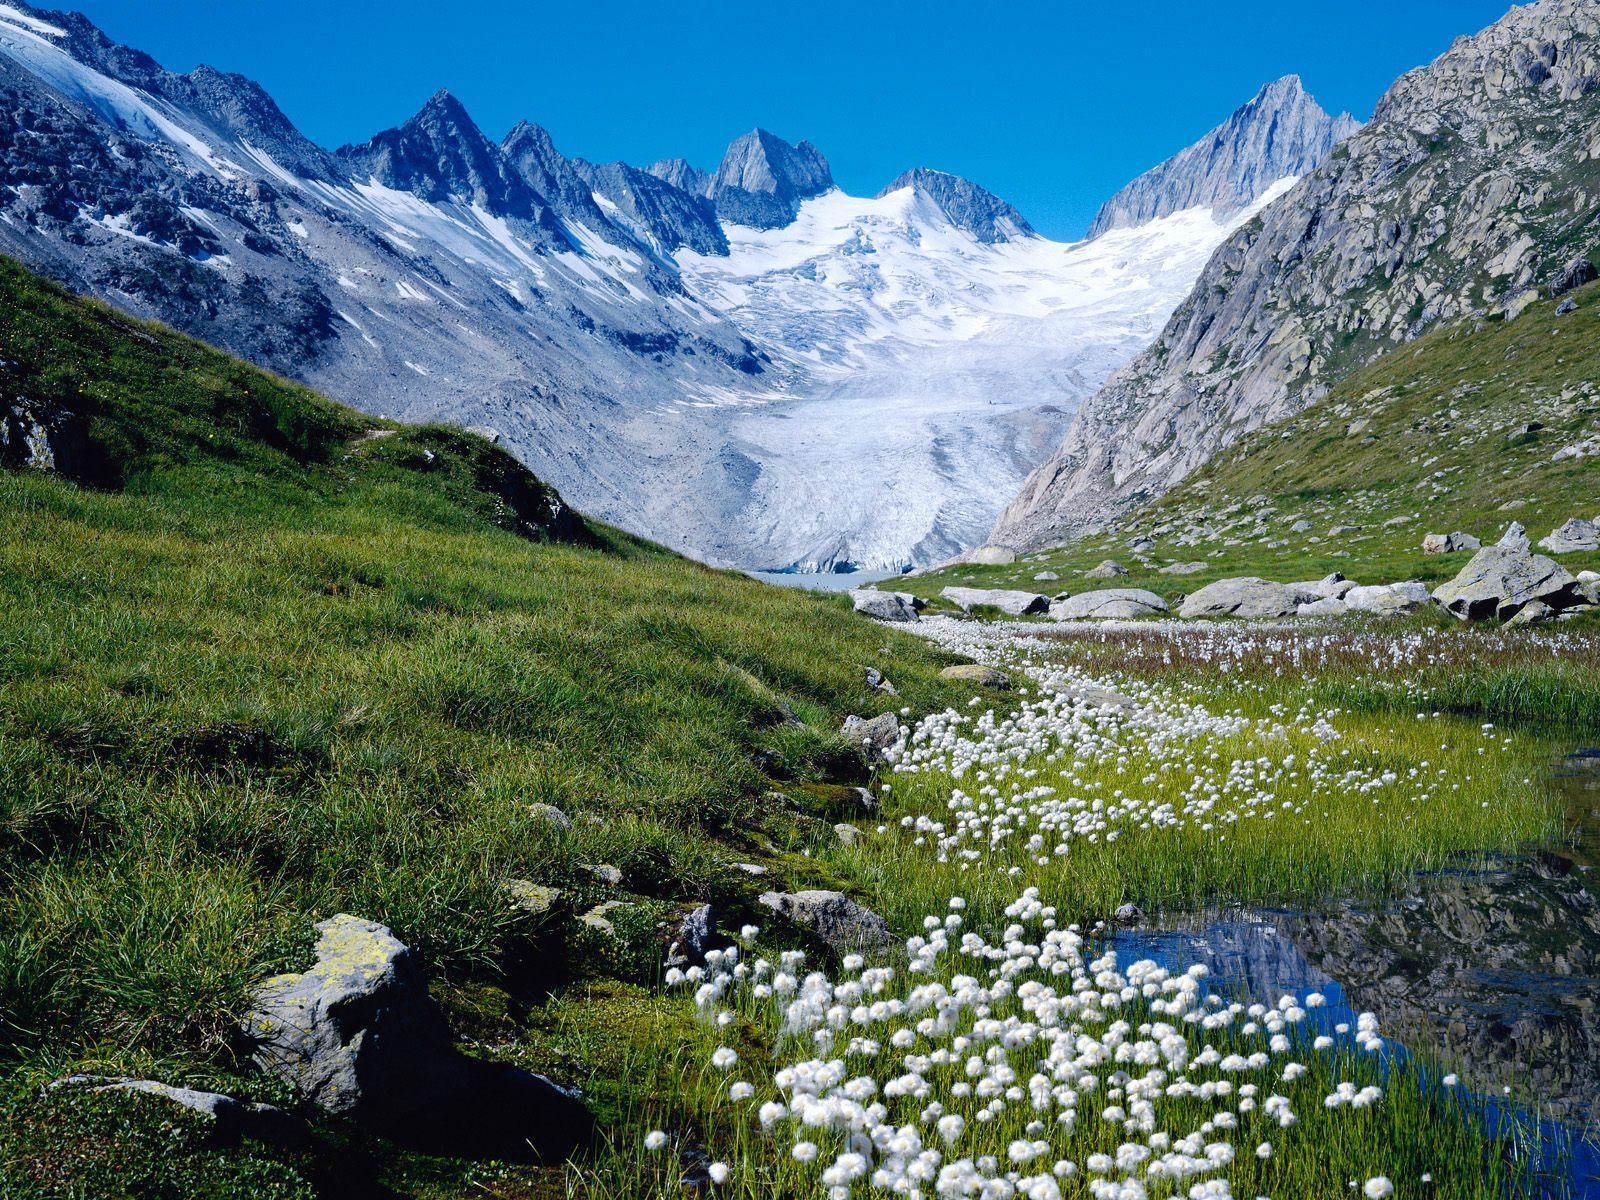 Fondos de pantalla de paisajes naturales07